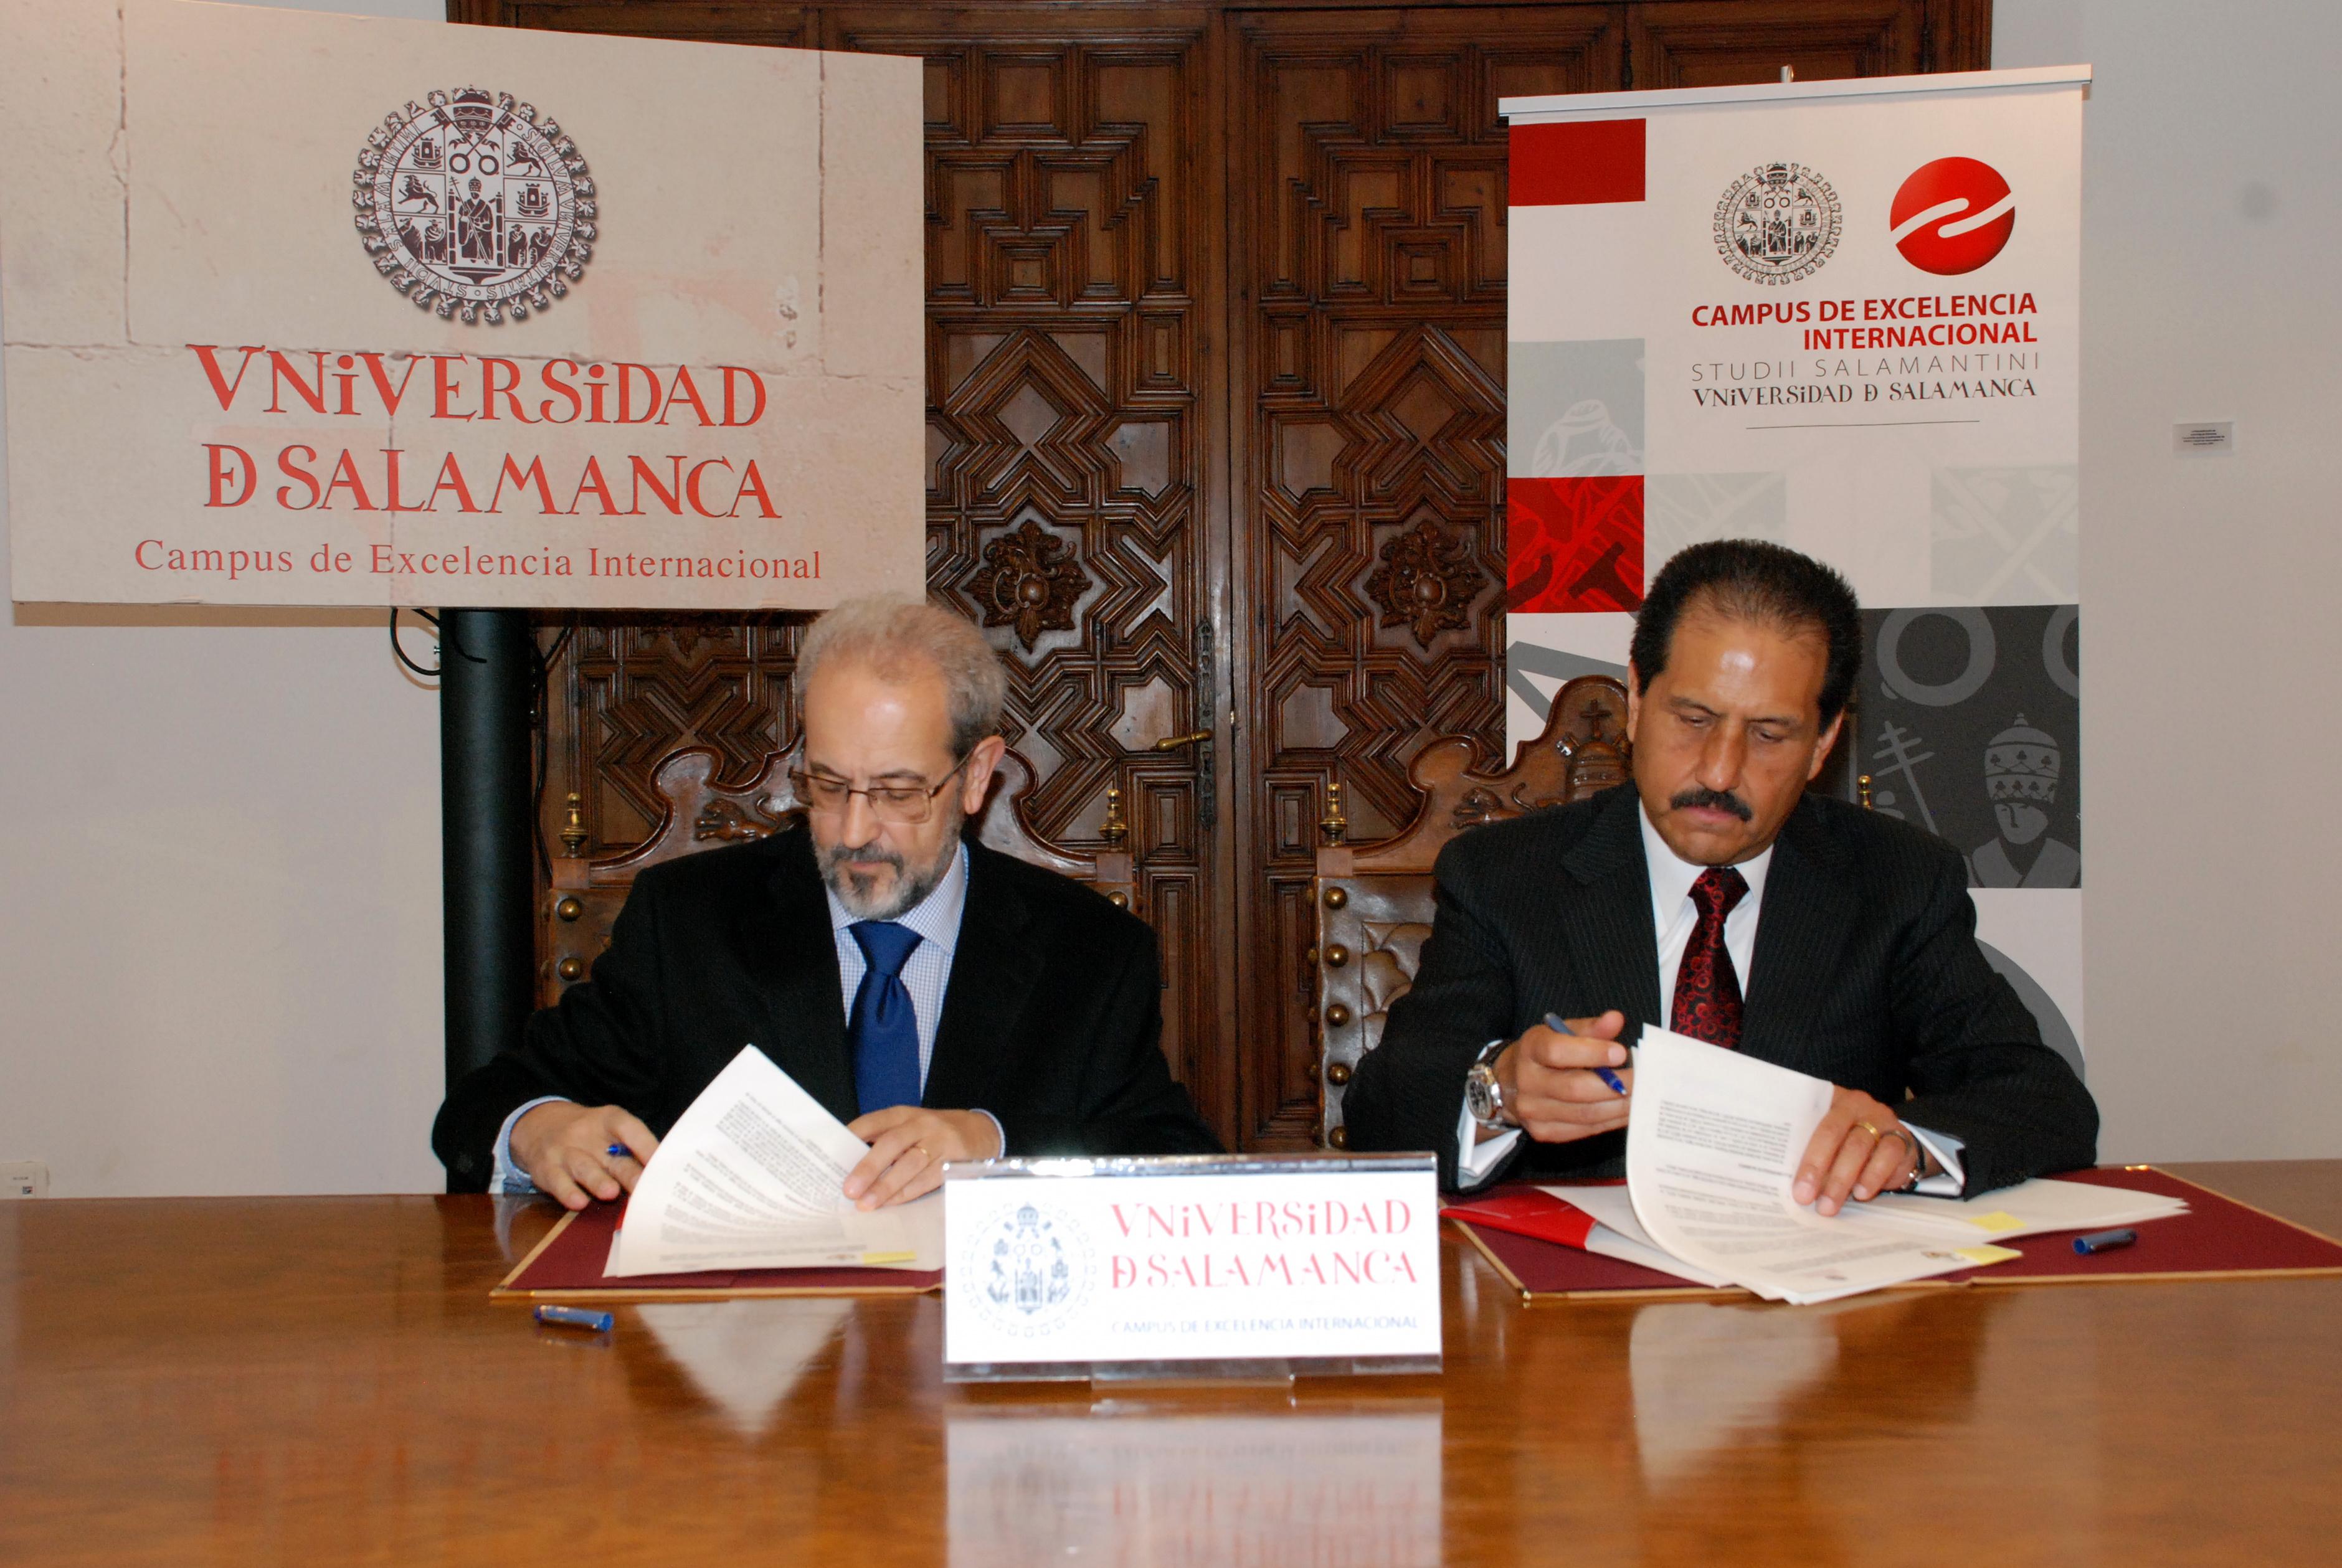 La Universidad de Salamanca suscribe un convenio de colaboración con la Benemérita Universidad Autónoma de Puebla